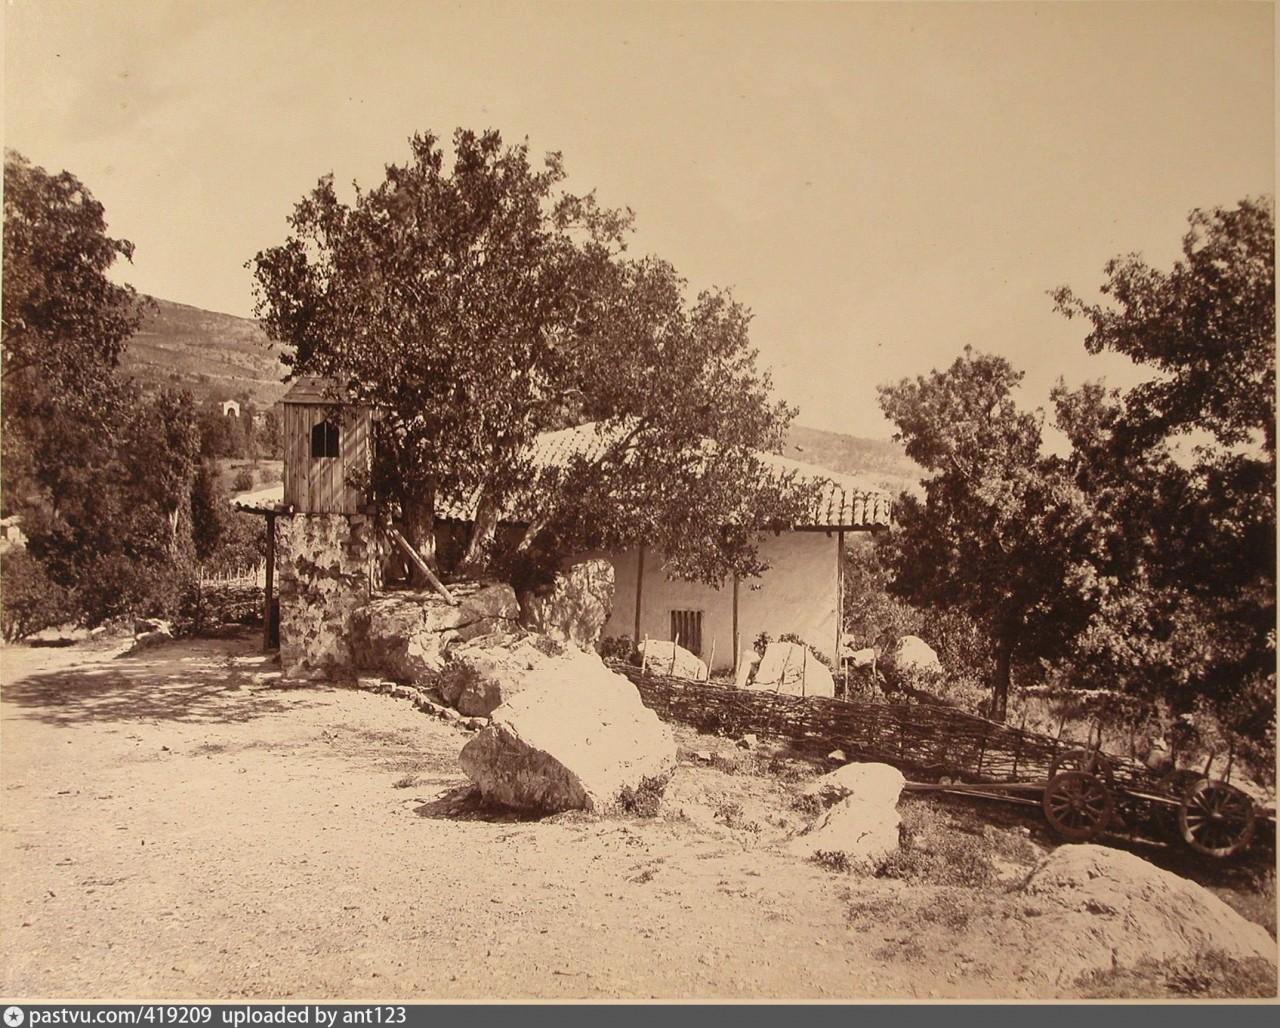 Мечеть в Симеизе. Фото сделано в период между 1865 и 1875 гг